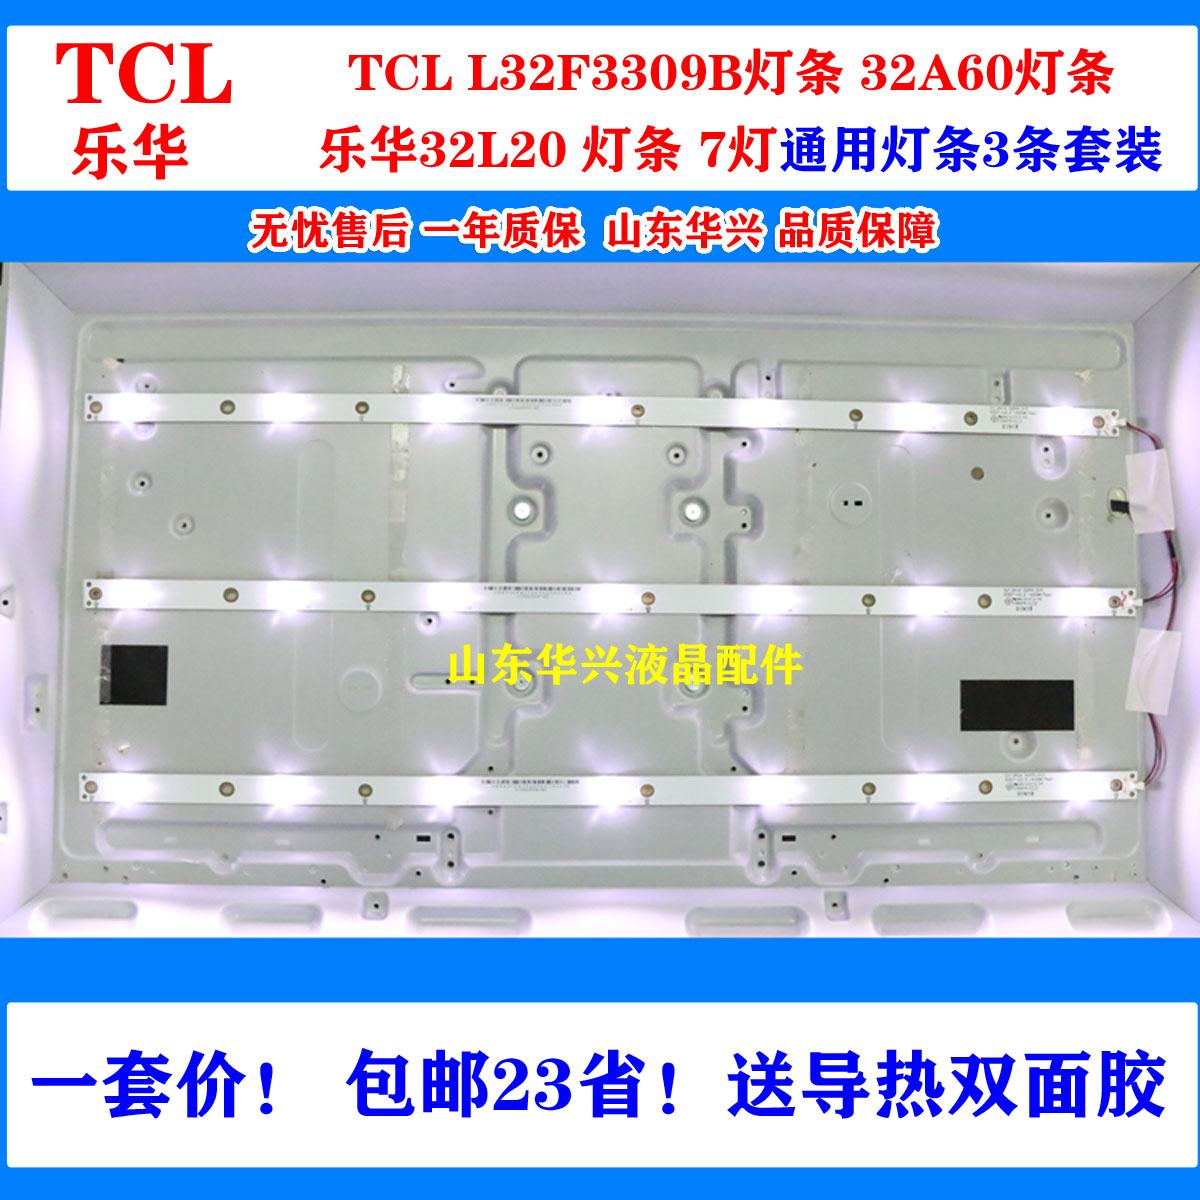 全新乐华32L20 TCL L32F3309B灯条 32A60 LE32D99通用3条背光灯条